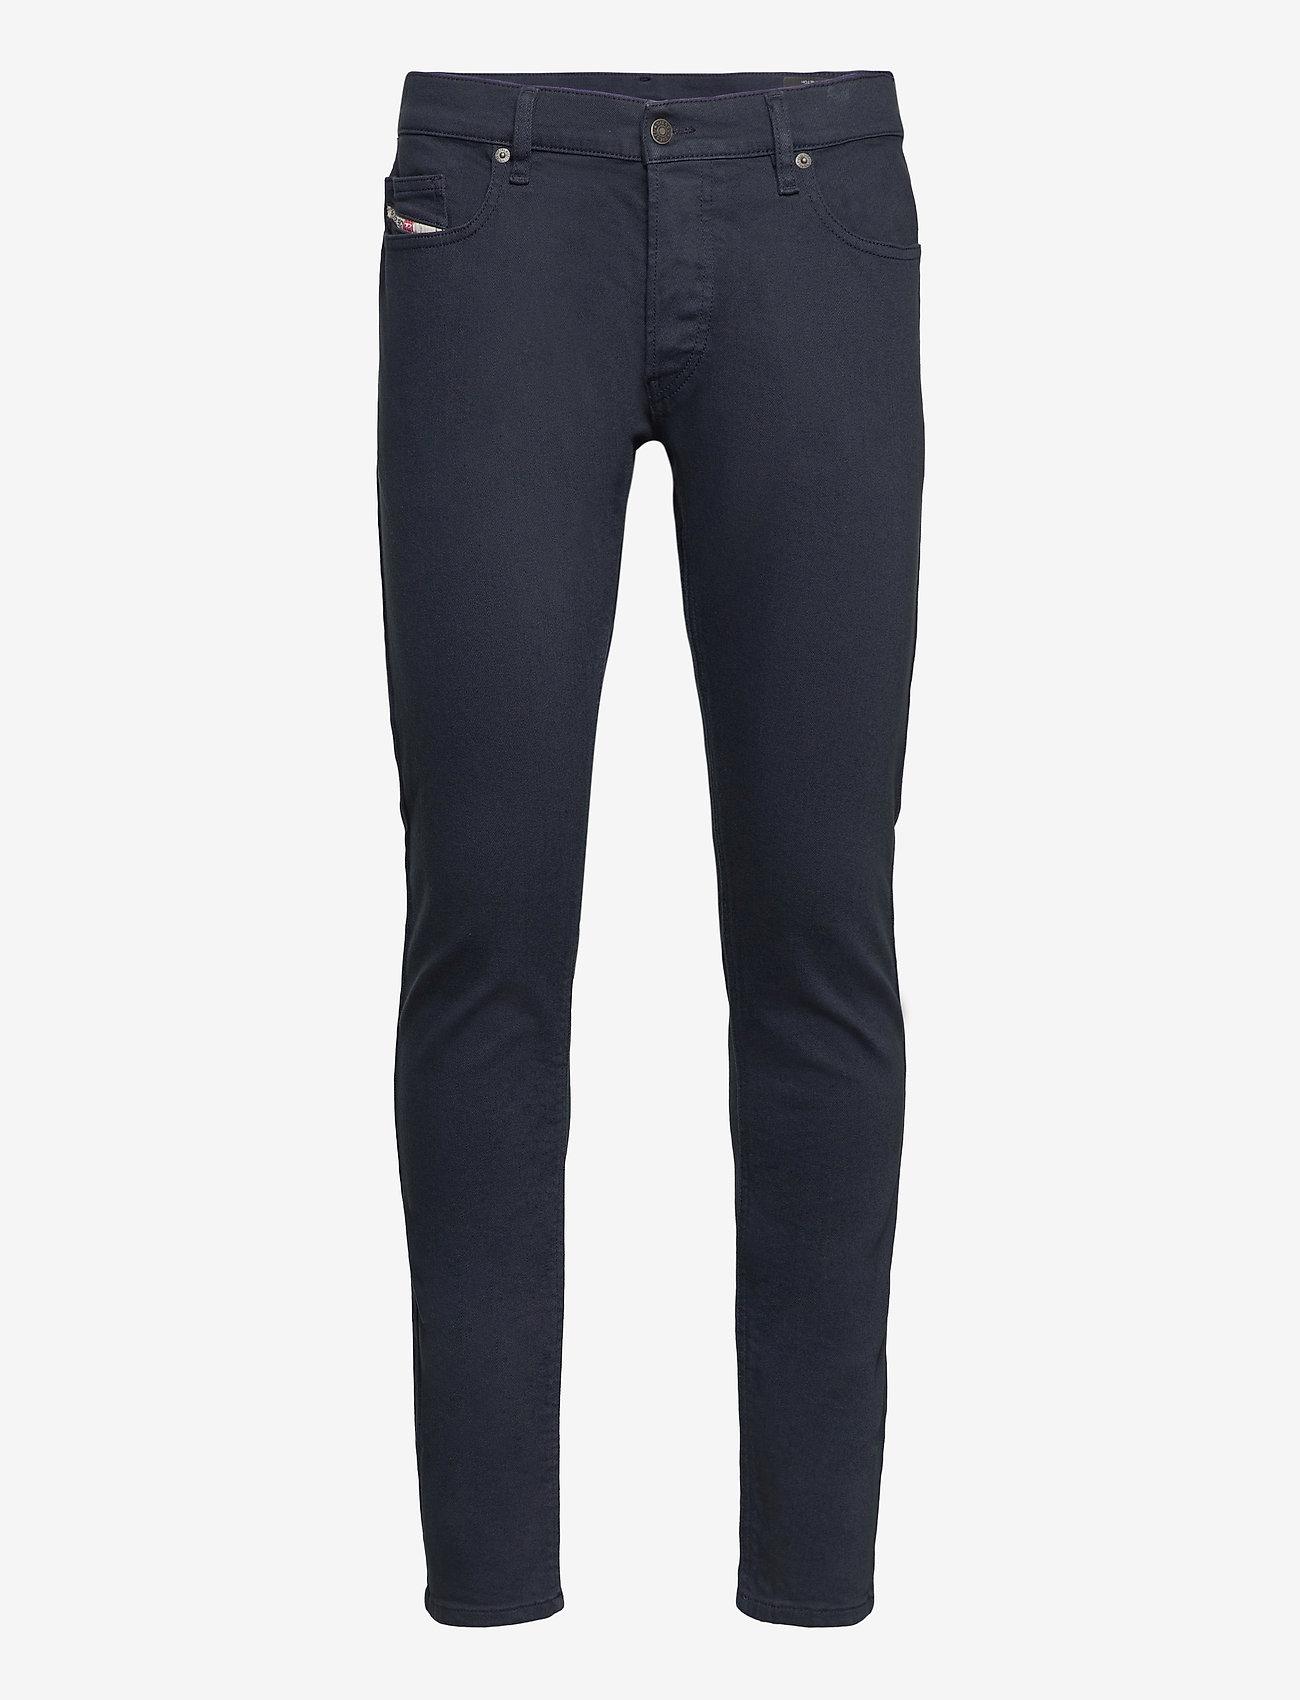 Diesel Men - D-LUSTER L.32 TROUSERS - slim jeans - blue nights - 0